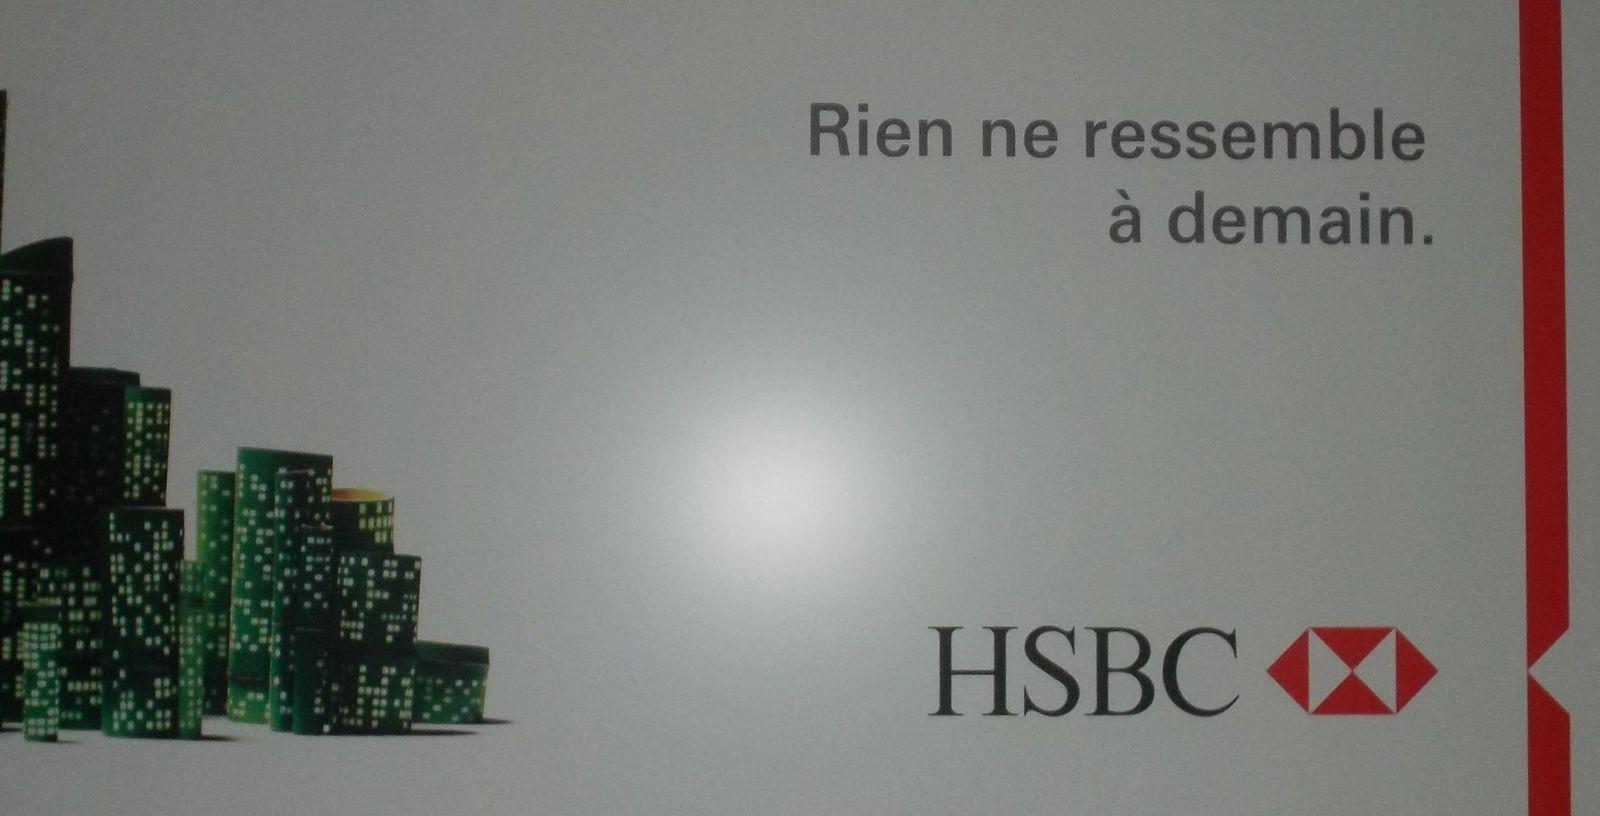 """Publicité stupide de la Banque britannique HSBC: Acte 3 - """"Rien ne ressemble à demain"""", première vraie lapalissade. Ah bon? qui l'eut cru ??? Et cela voudrait nous faire croire qu'ils ont beaucoup réfléchi…   bein, mon colonel …"""